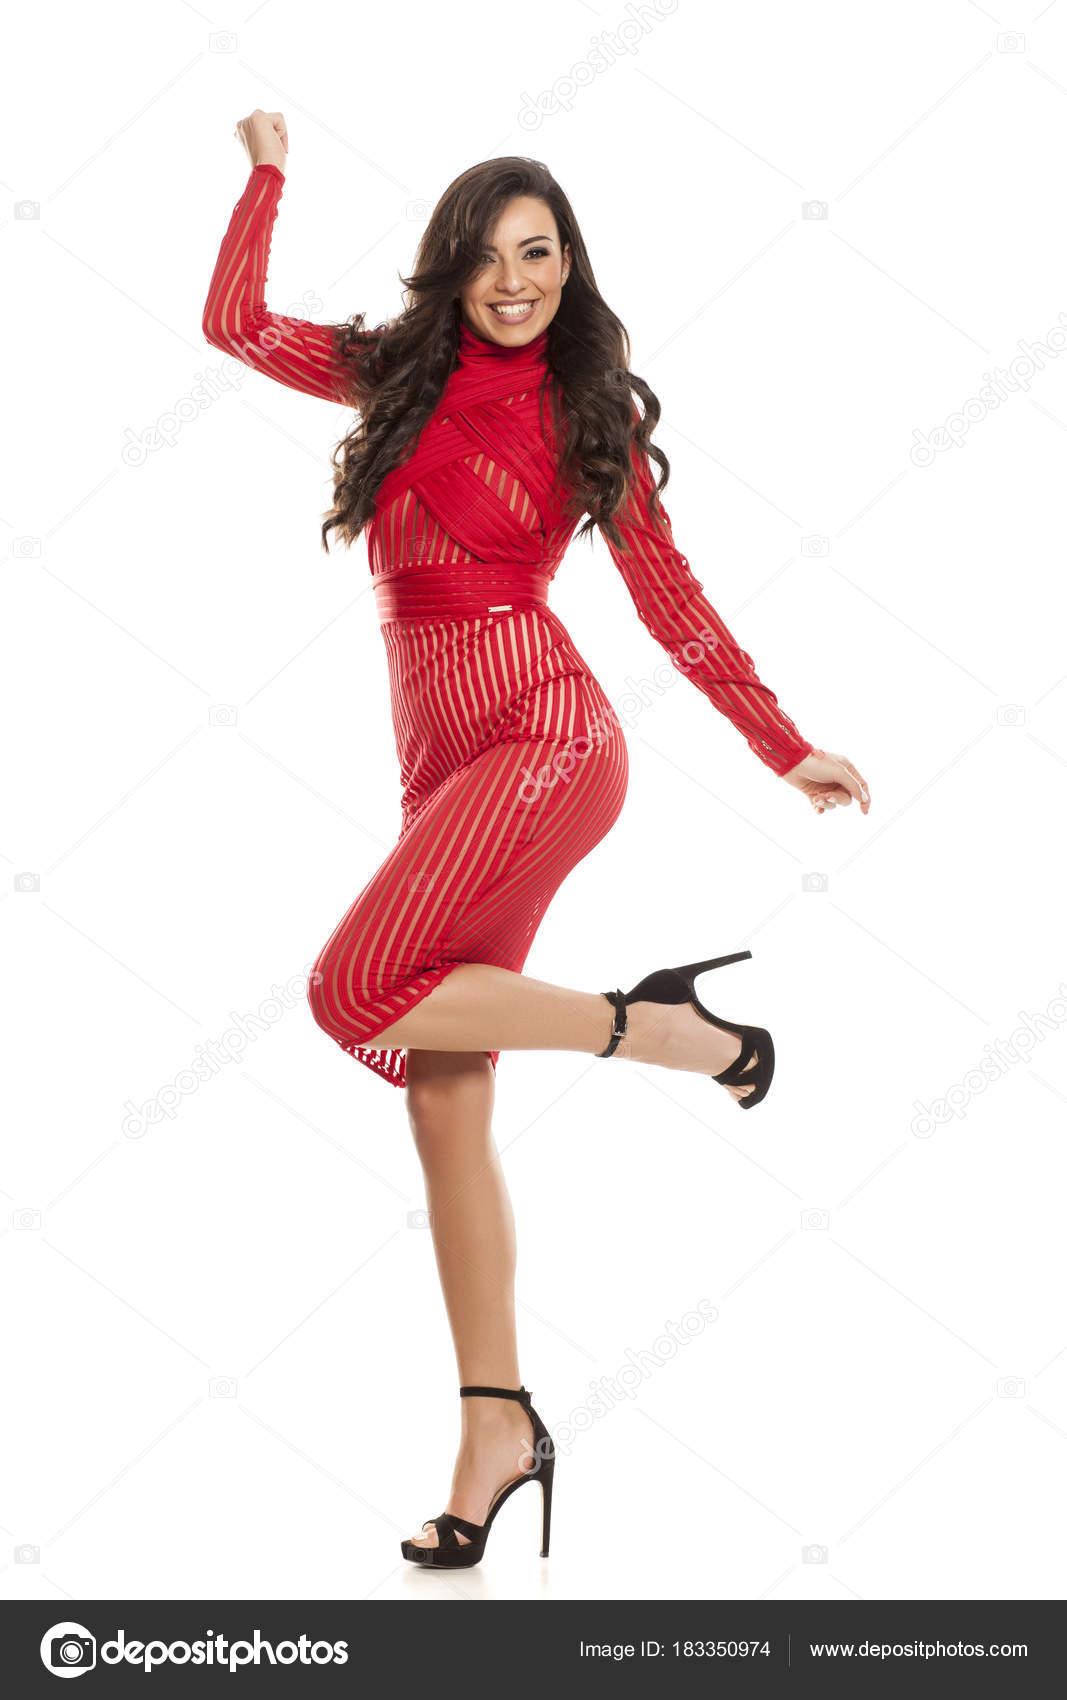 105a41af2a54 Νεαρή Όμορφη Γυναίκα Ευτυχισμένη Ένα Κόκκινο Διαφανές Φόρεμα Που  Παρουσιάζουν — Φωτογραφία Αρχείου